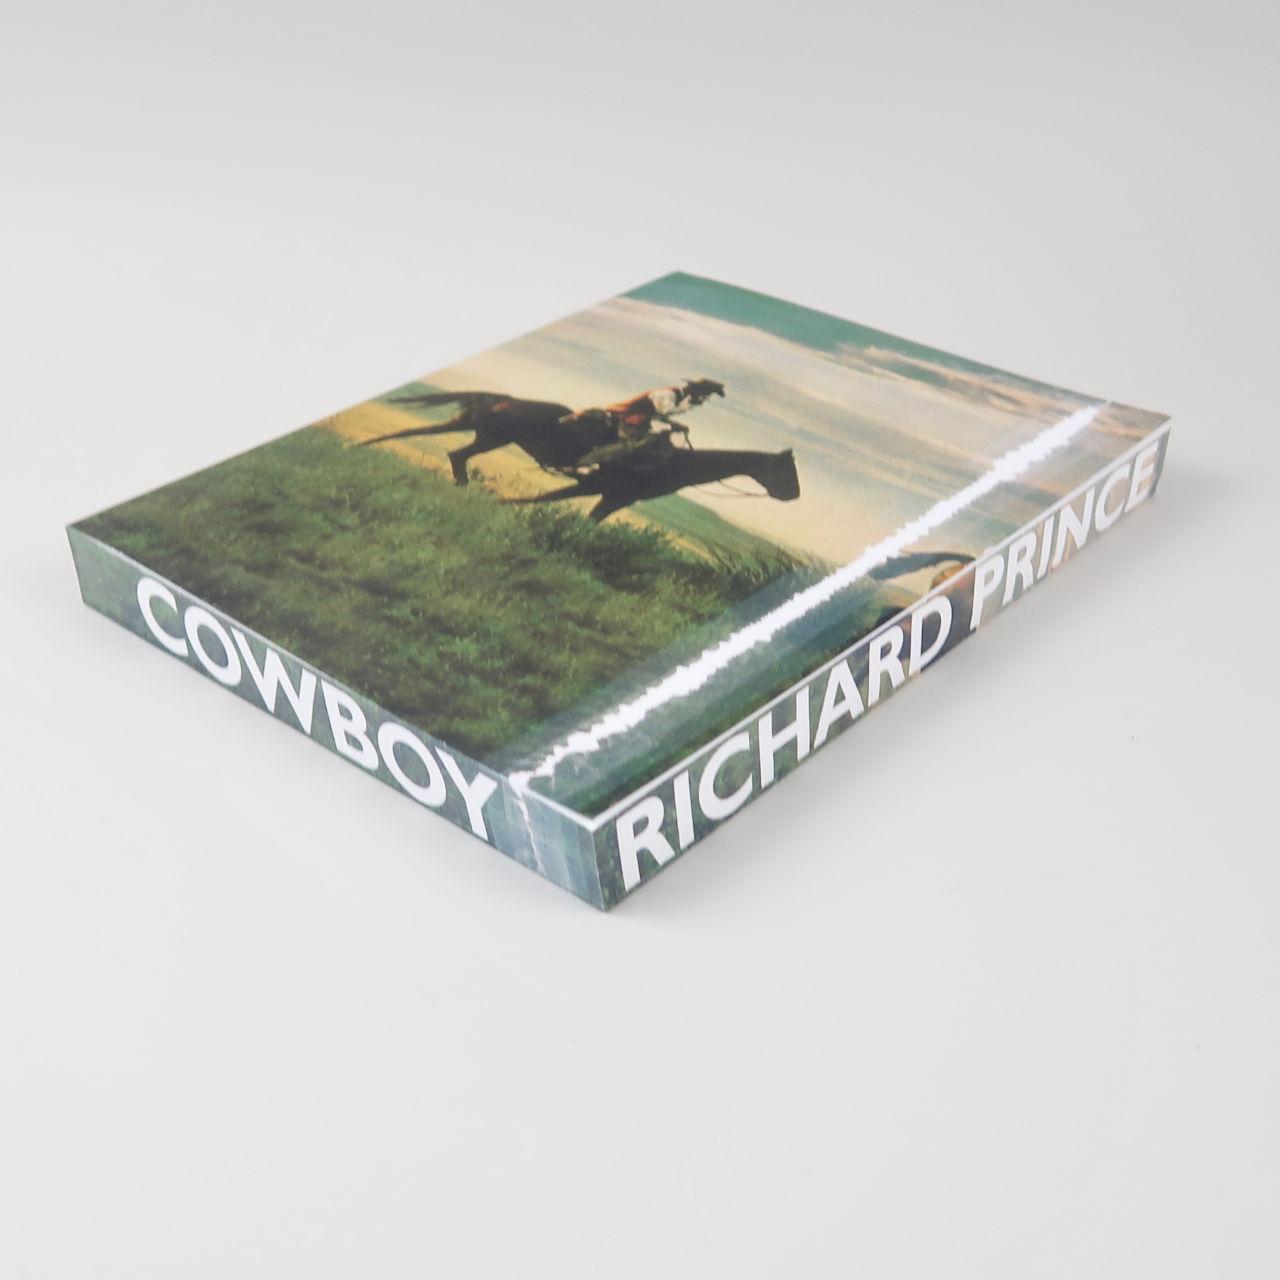 Cowboy - Richard Prince